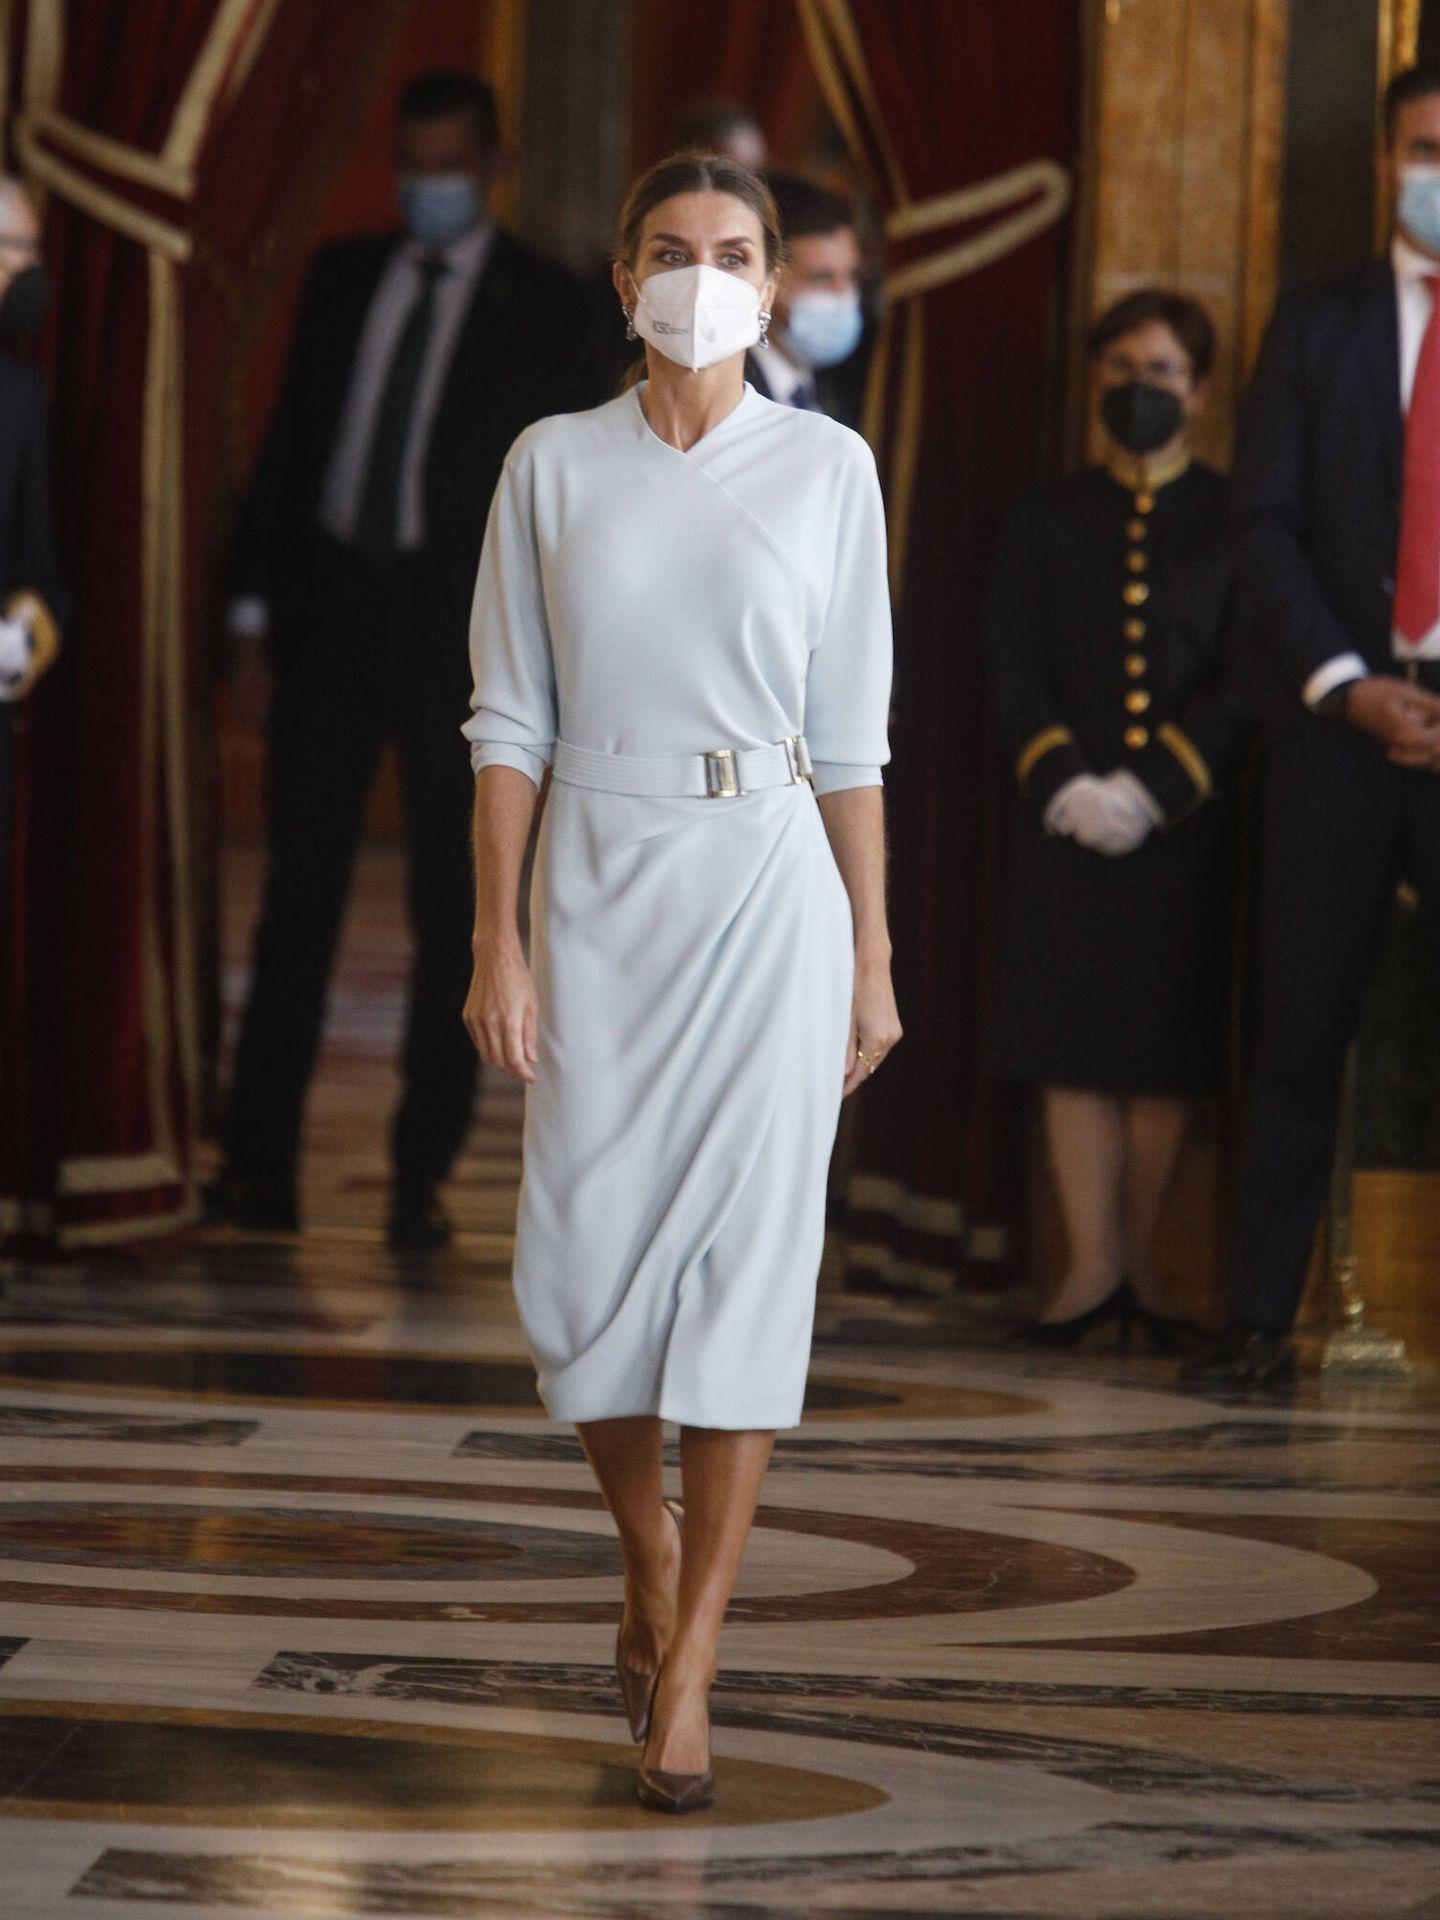 La reina Letizia, en el Palacio Real. (Limited Pictures)